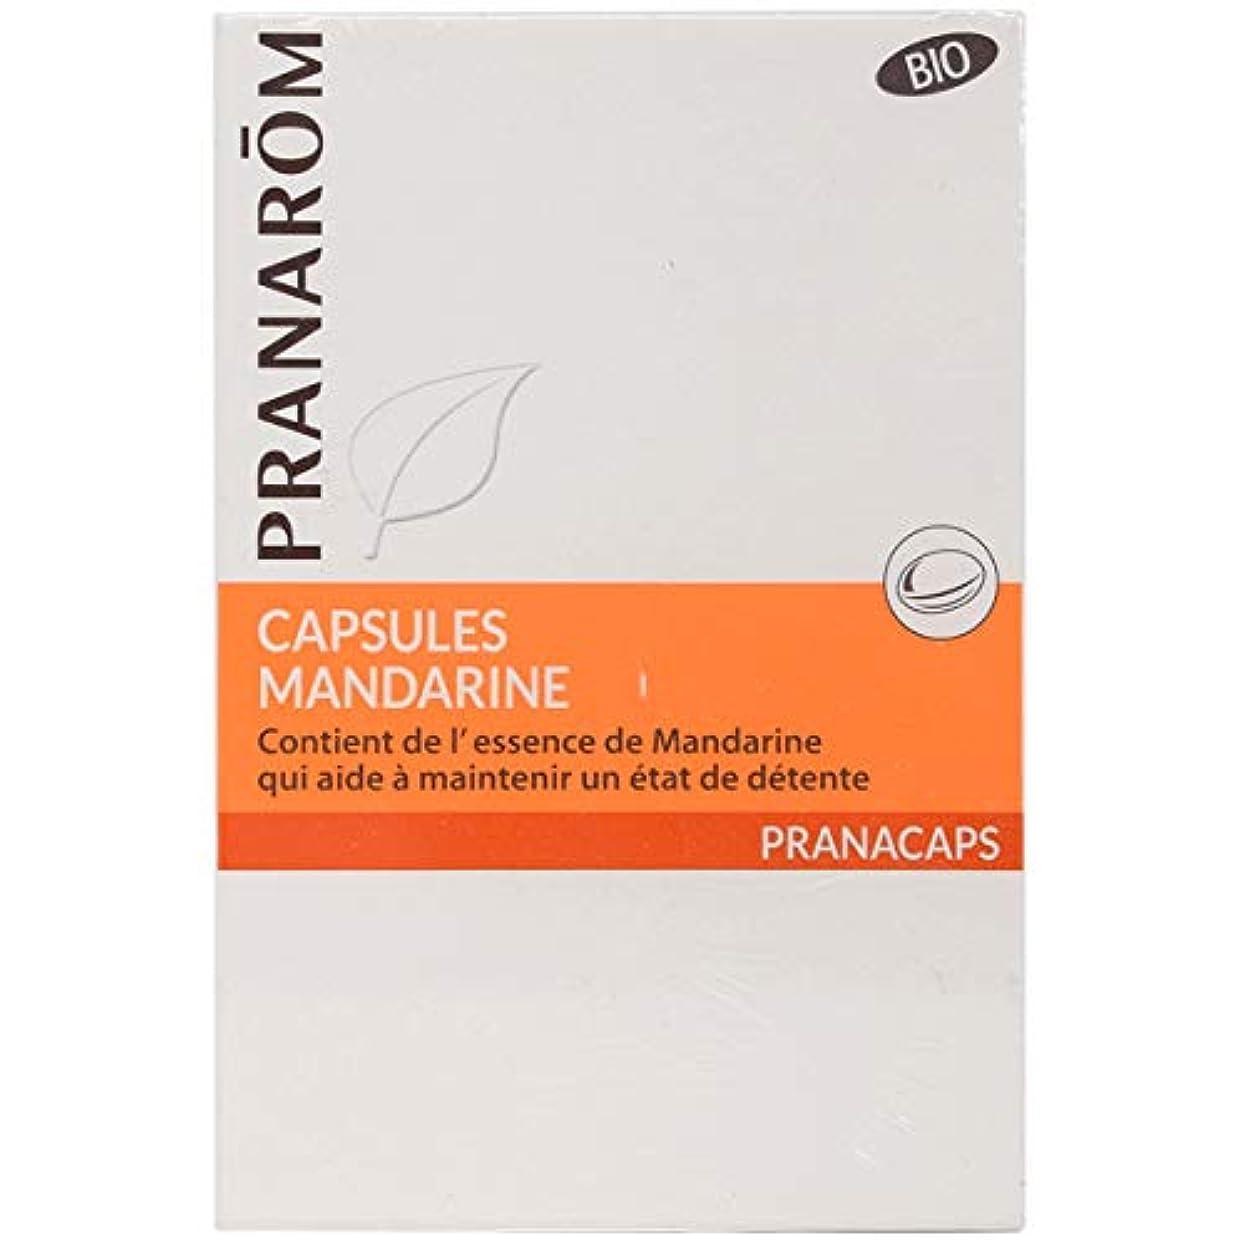 照らす作成する不信プラナロム マンダリンカプセル 30粒 (PRANAROM サプリメント)